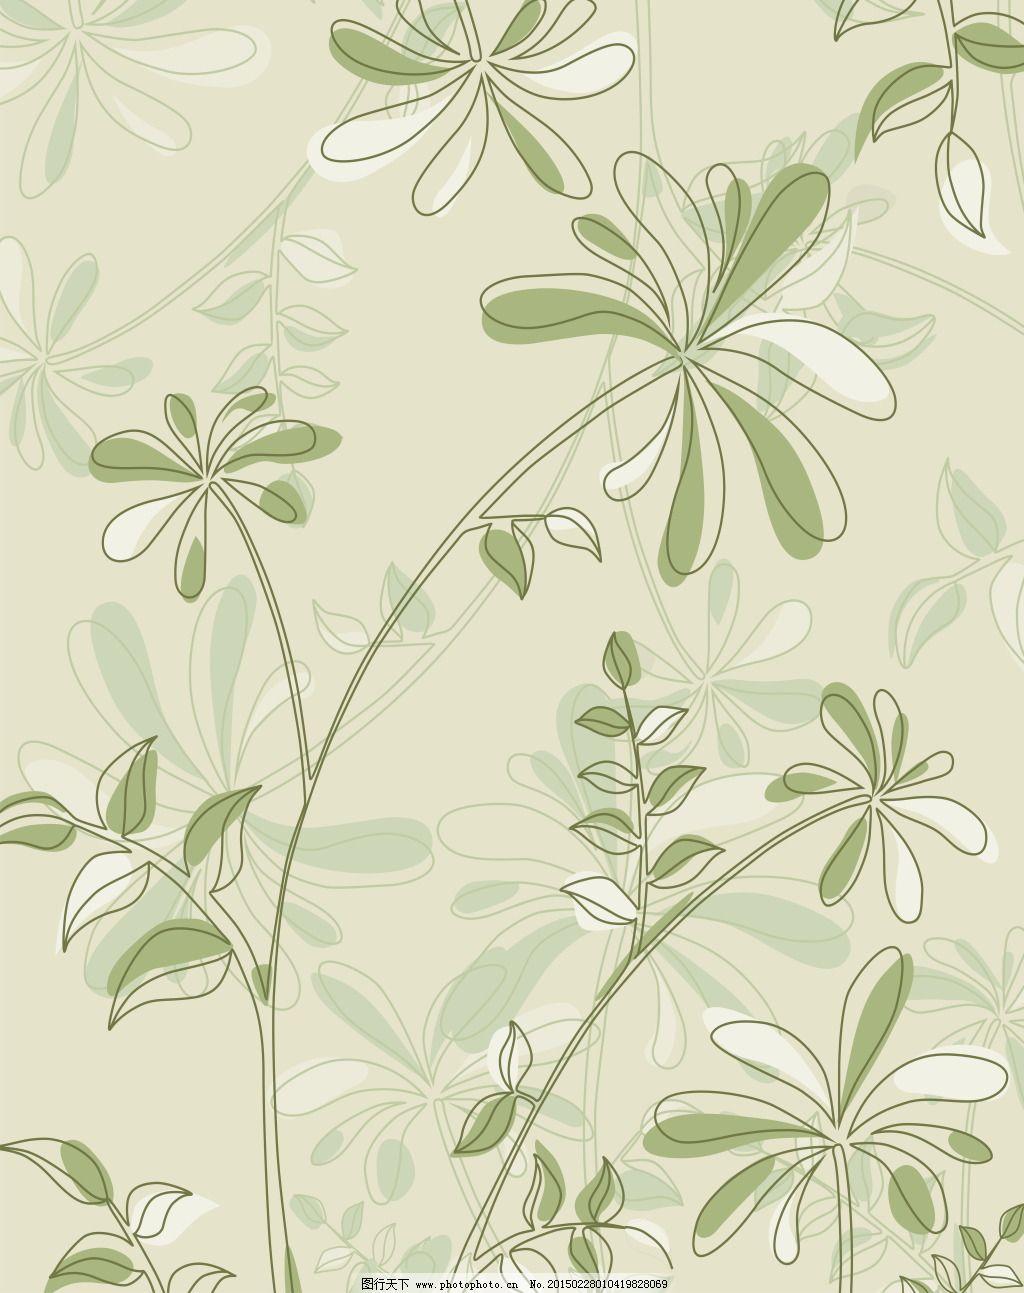 叶纹样欧式花边素材 透明